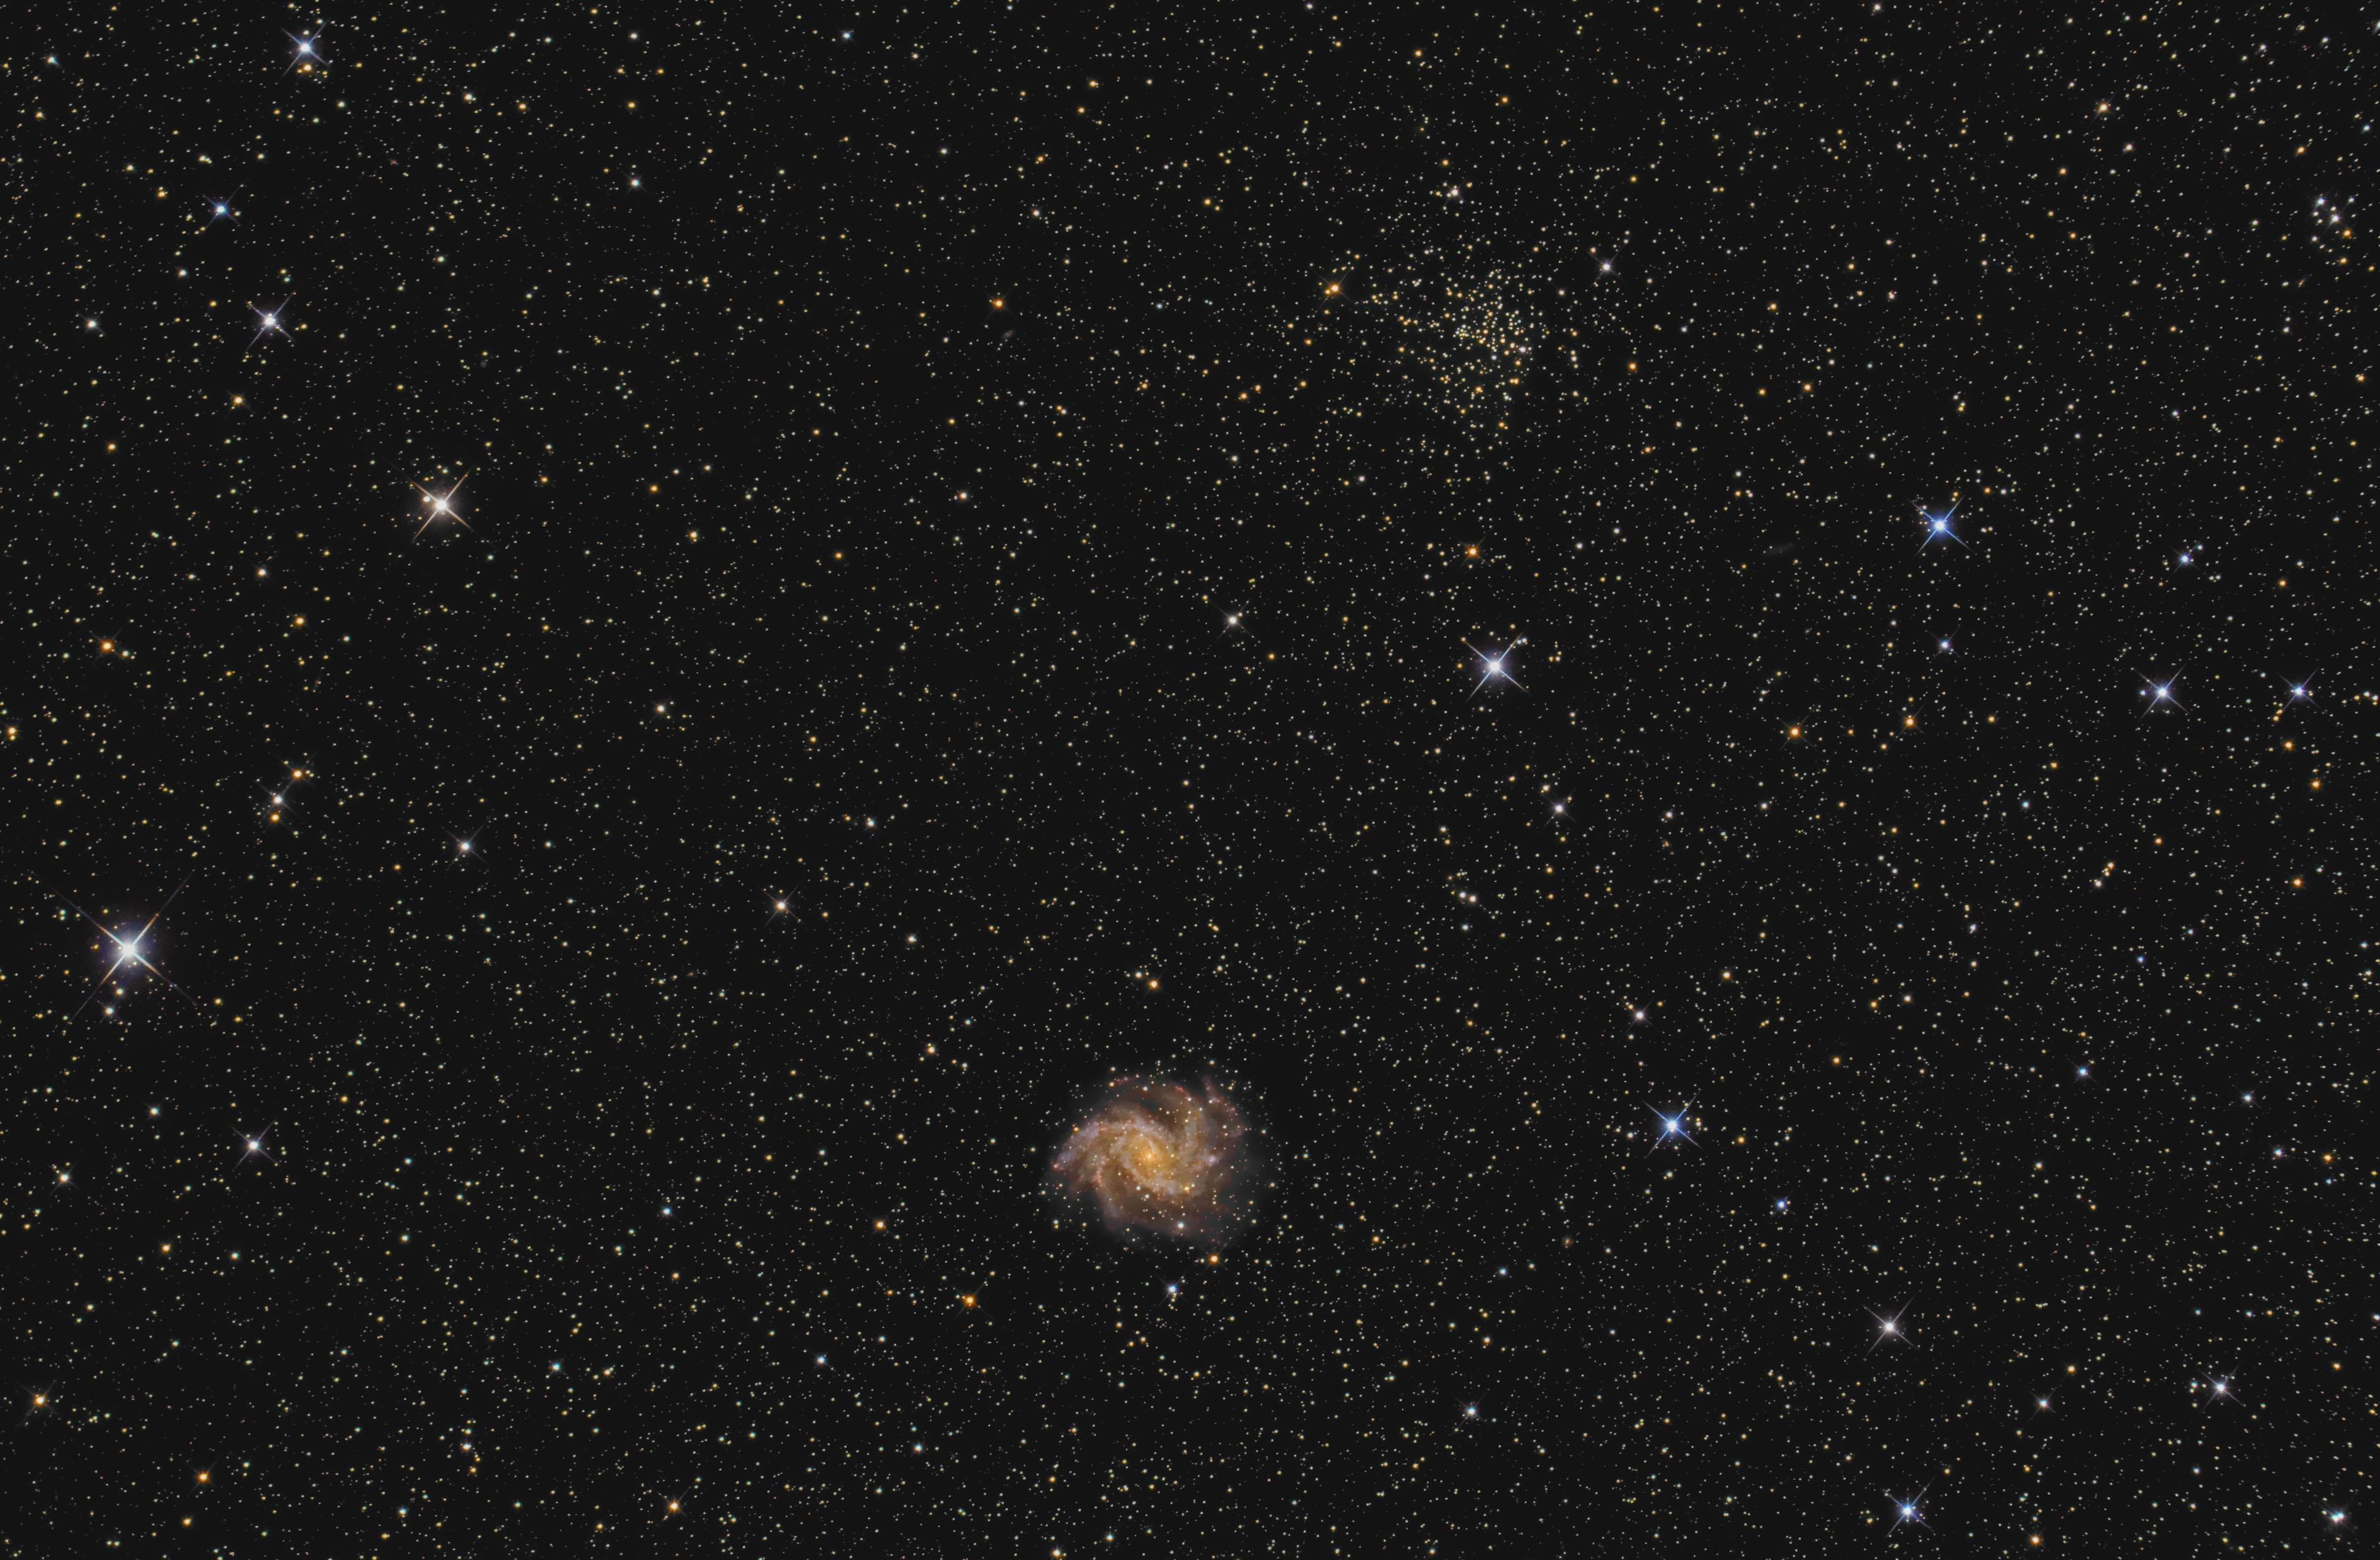 NGC 6939 and NGC 6946